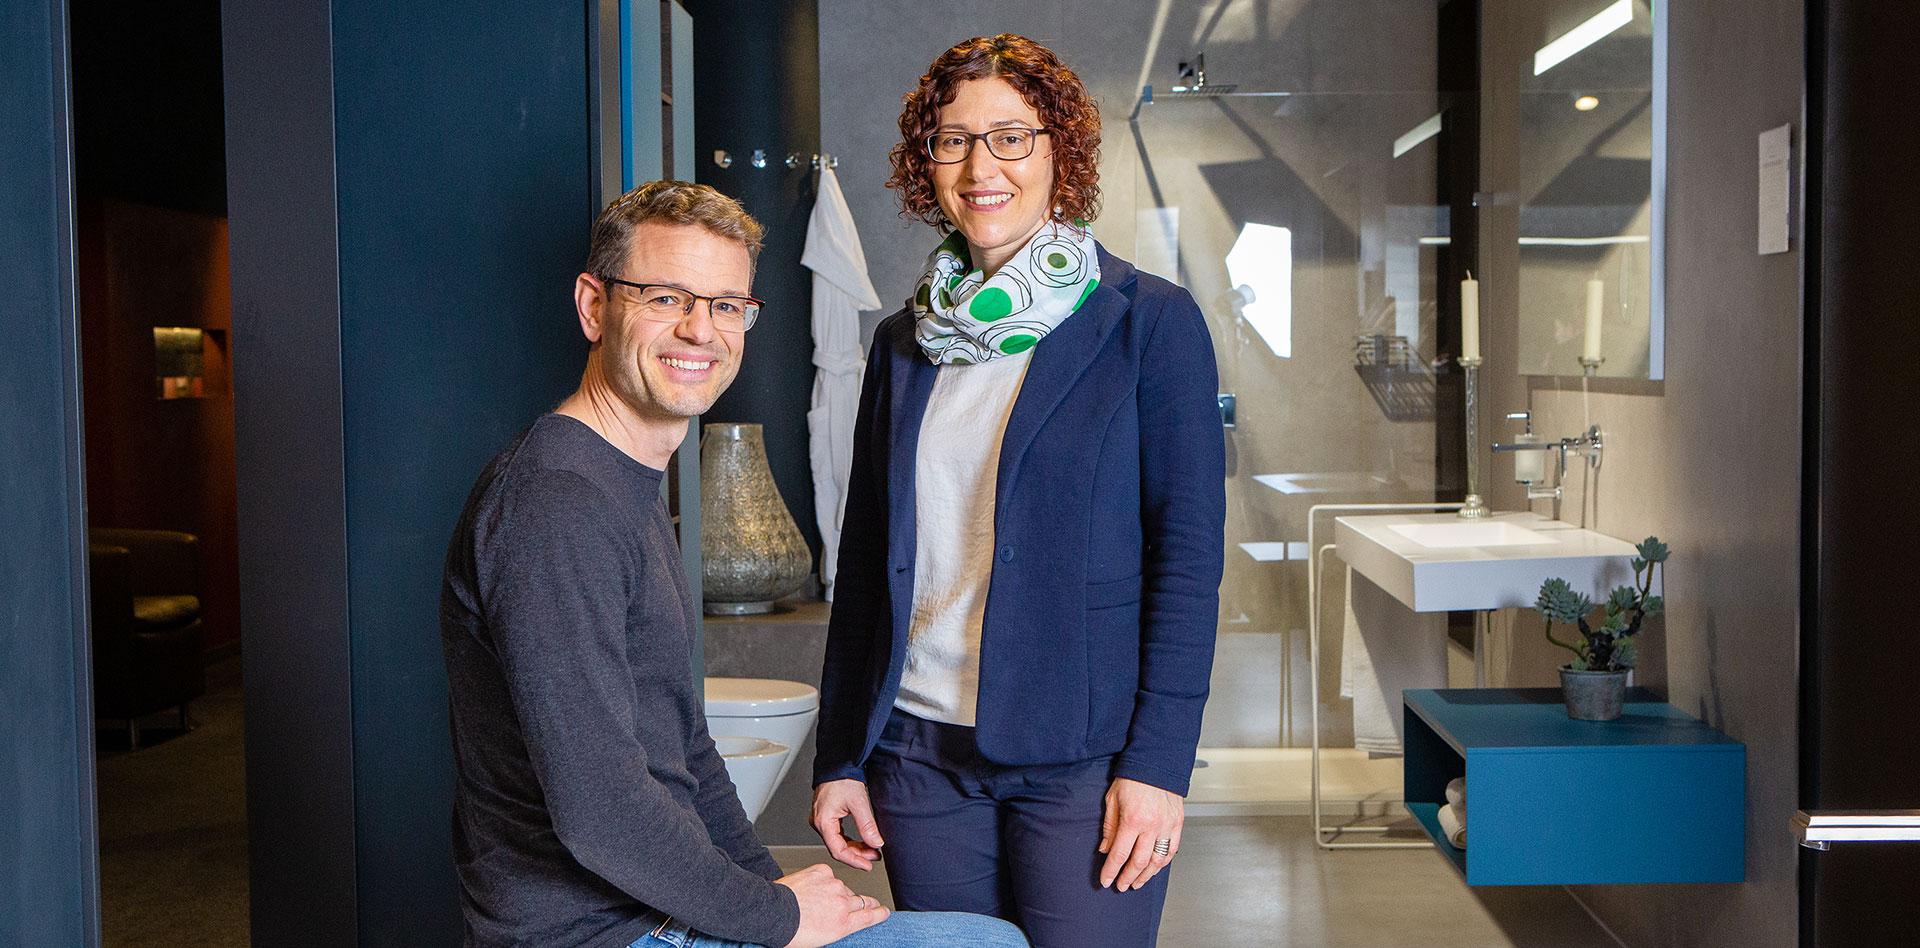 Kerstin und Frank Jäger